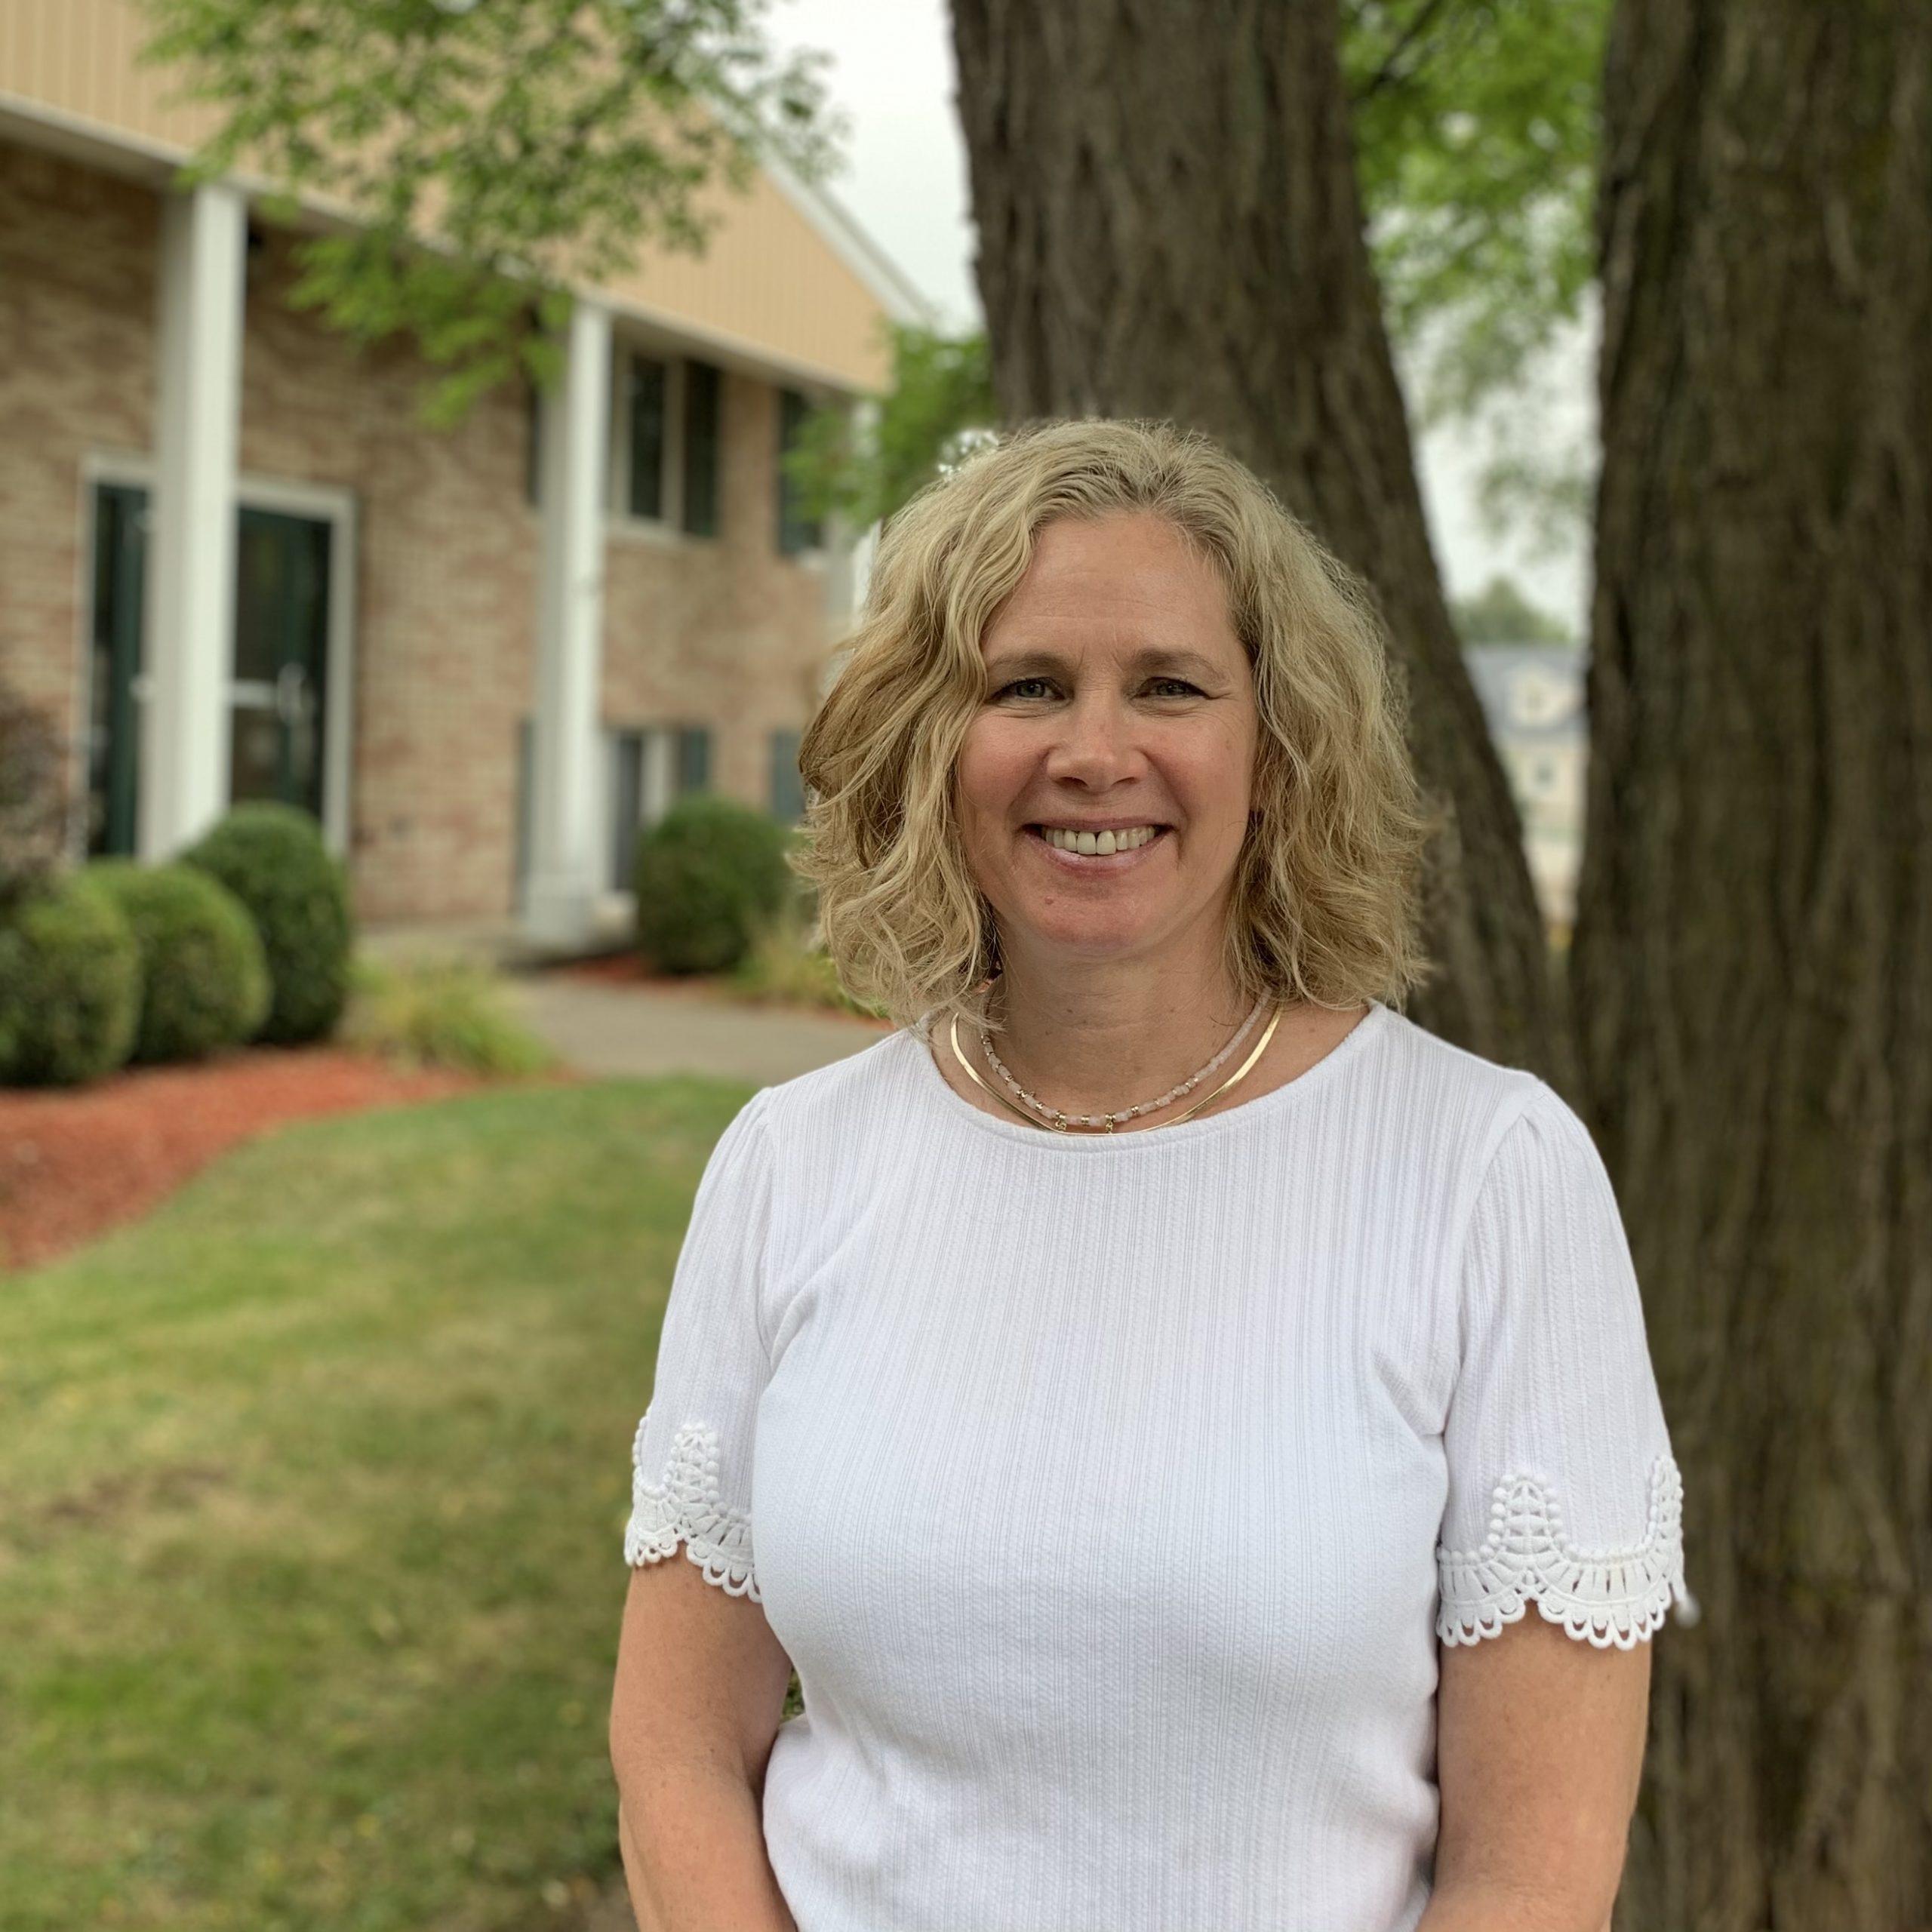 Kathy Bader